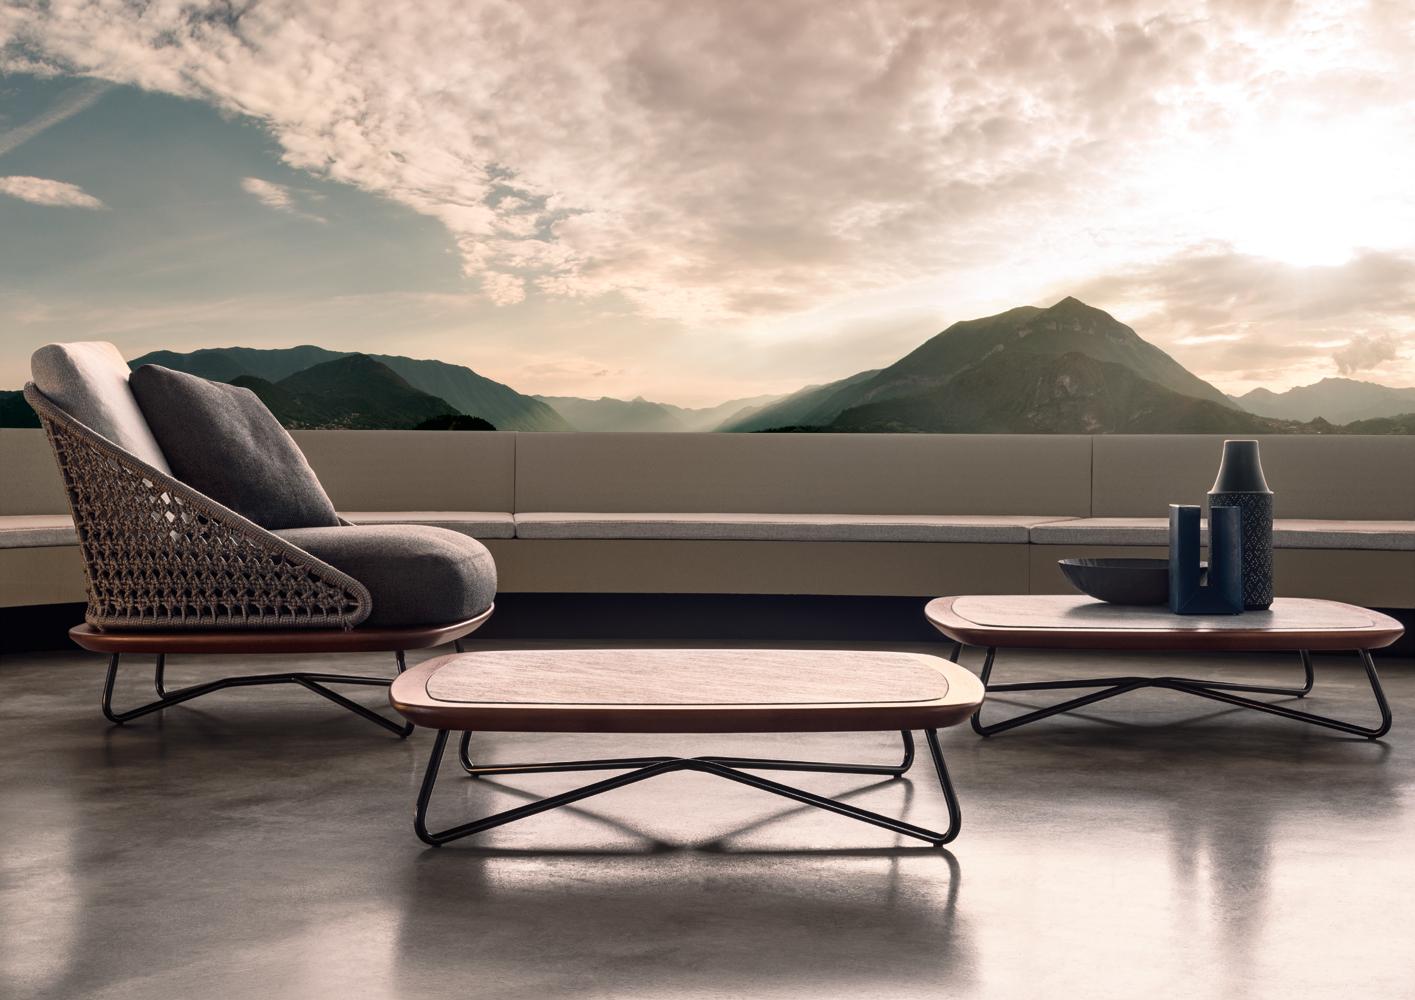 rivera pouf designed by rodolfo dordoni minotti orange. Black Bedroom Furniture Sets. Home Design Ideas